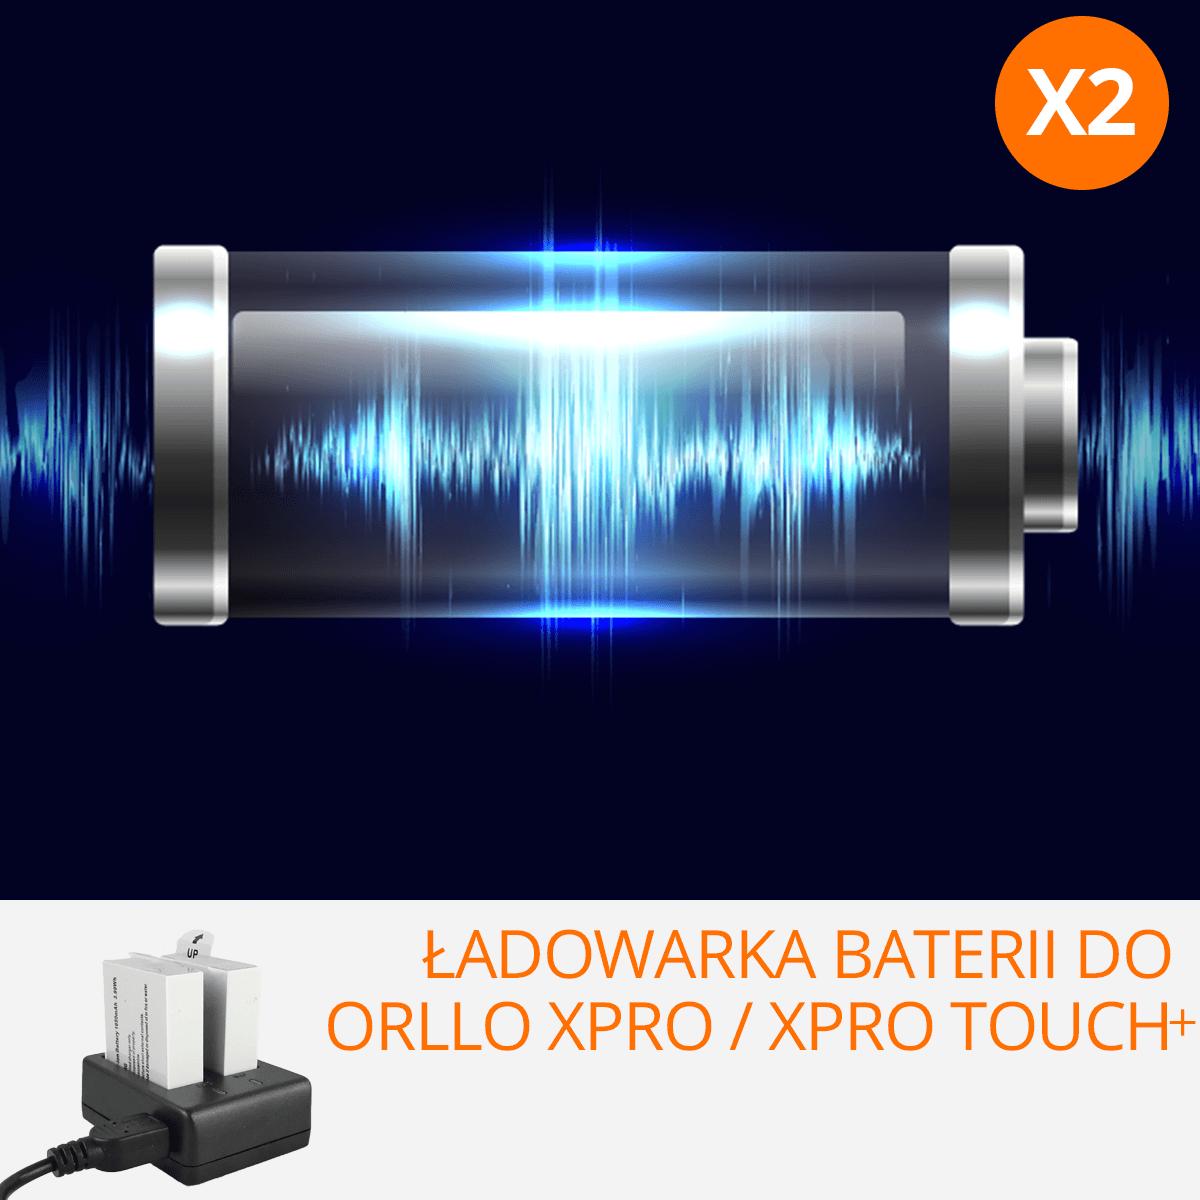 ladowarka-baterii-do-orllo-xpro